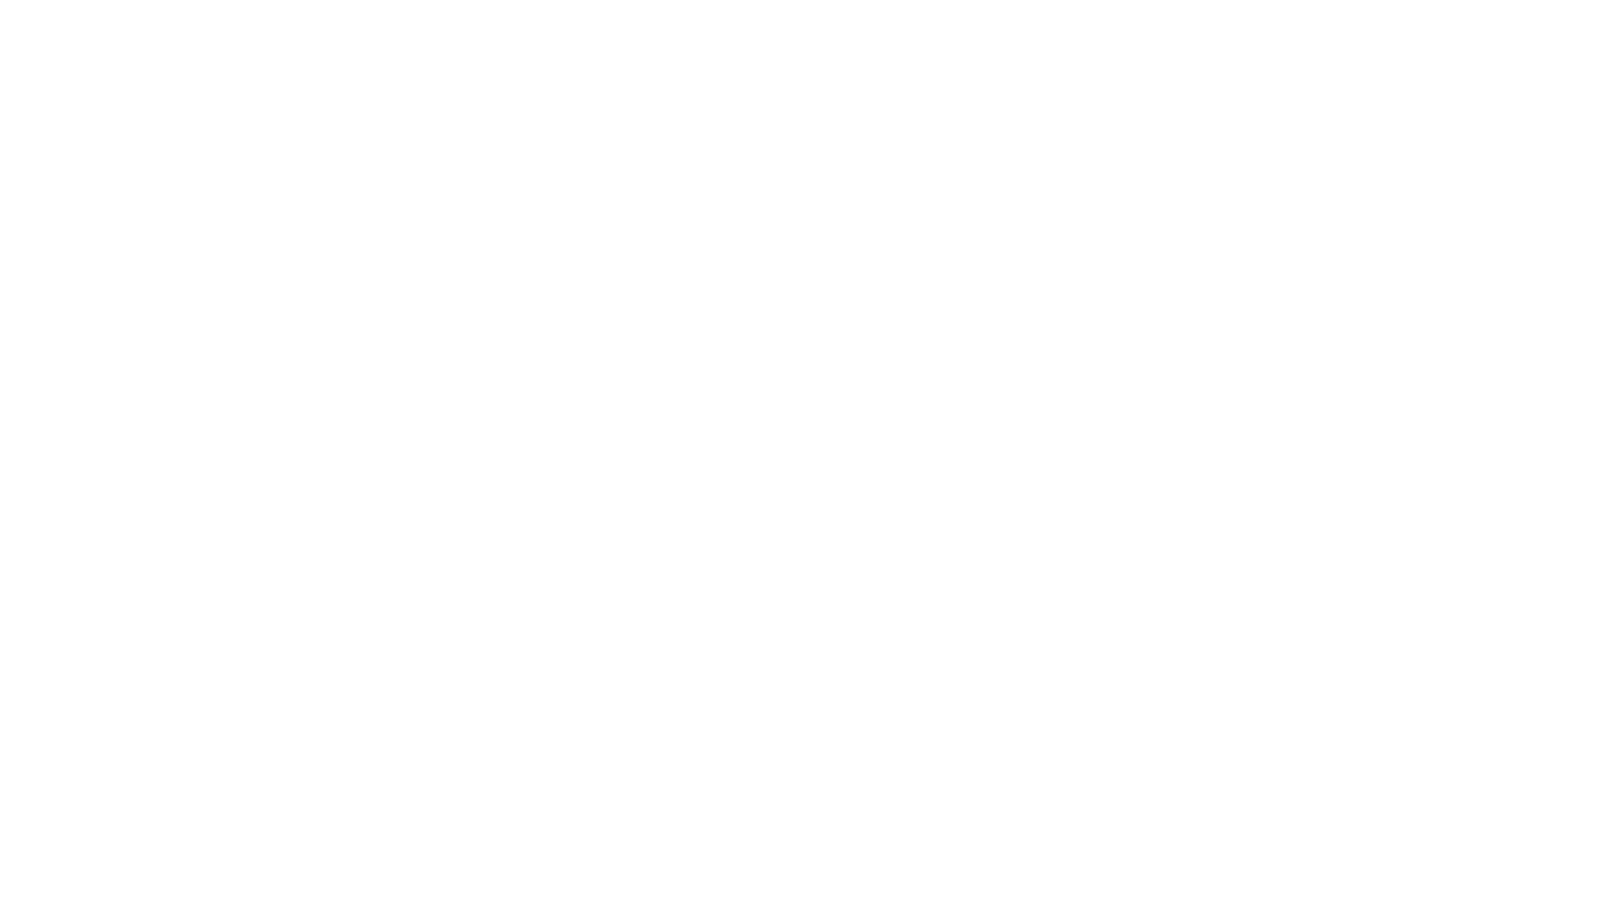 """Відео перезалито.  Сюжет """"Православного вісника"""" про вступну кампанію до Київської духовної академії і семінарії на 2020/21 навчальний рік.  Більше новин та інформації на сайті КДАіС та у соціальних мережах.  Офіційний сайт: http://kdais.kiev.ua Ми на YouTube: https://www.youtube.com/channel/UCVIl67LGwaJQfTKNTdLv4oQ інстаграм: https://www.instagram.com/kdais.kiev.ua"""